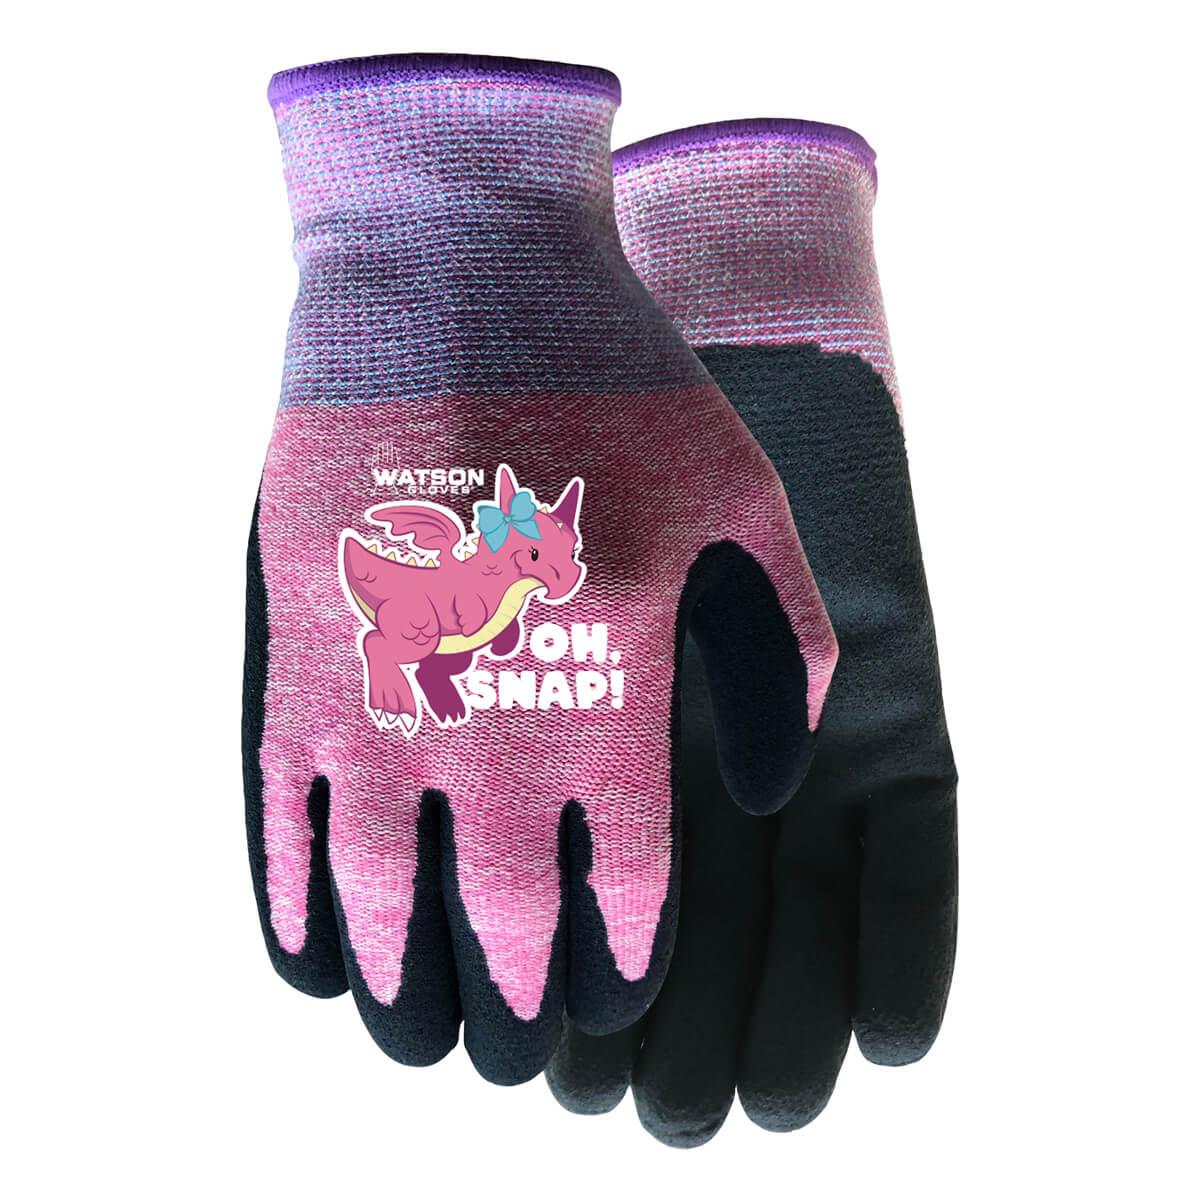 Oh, Snap! Gloves - XXS